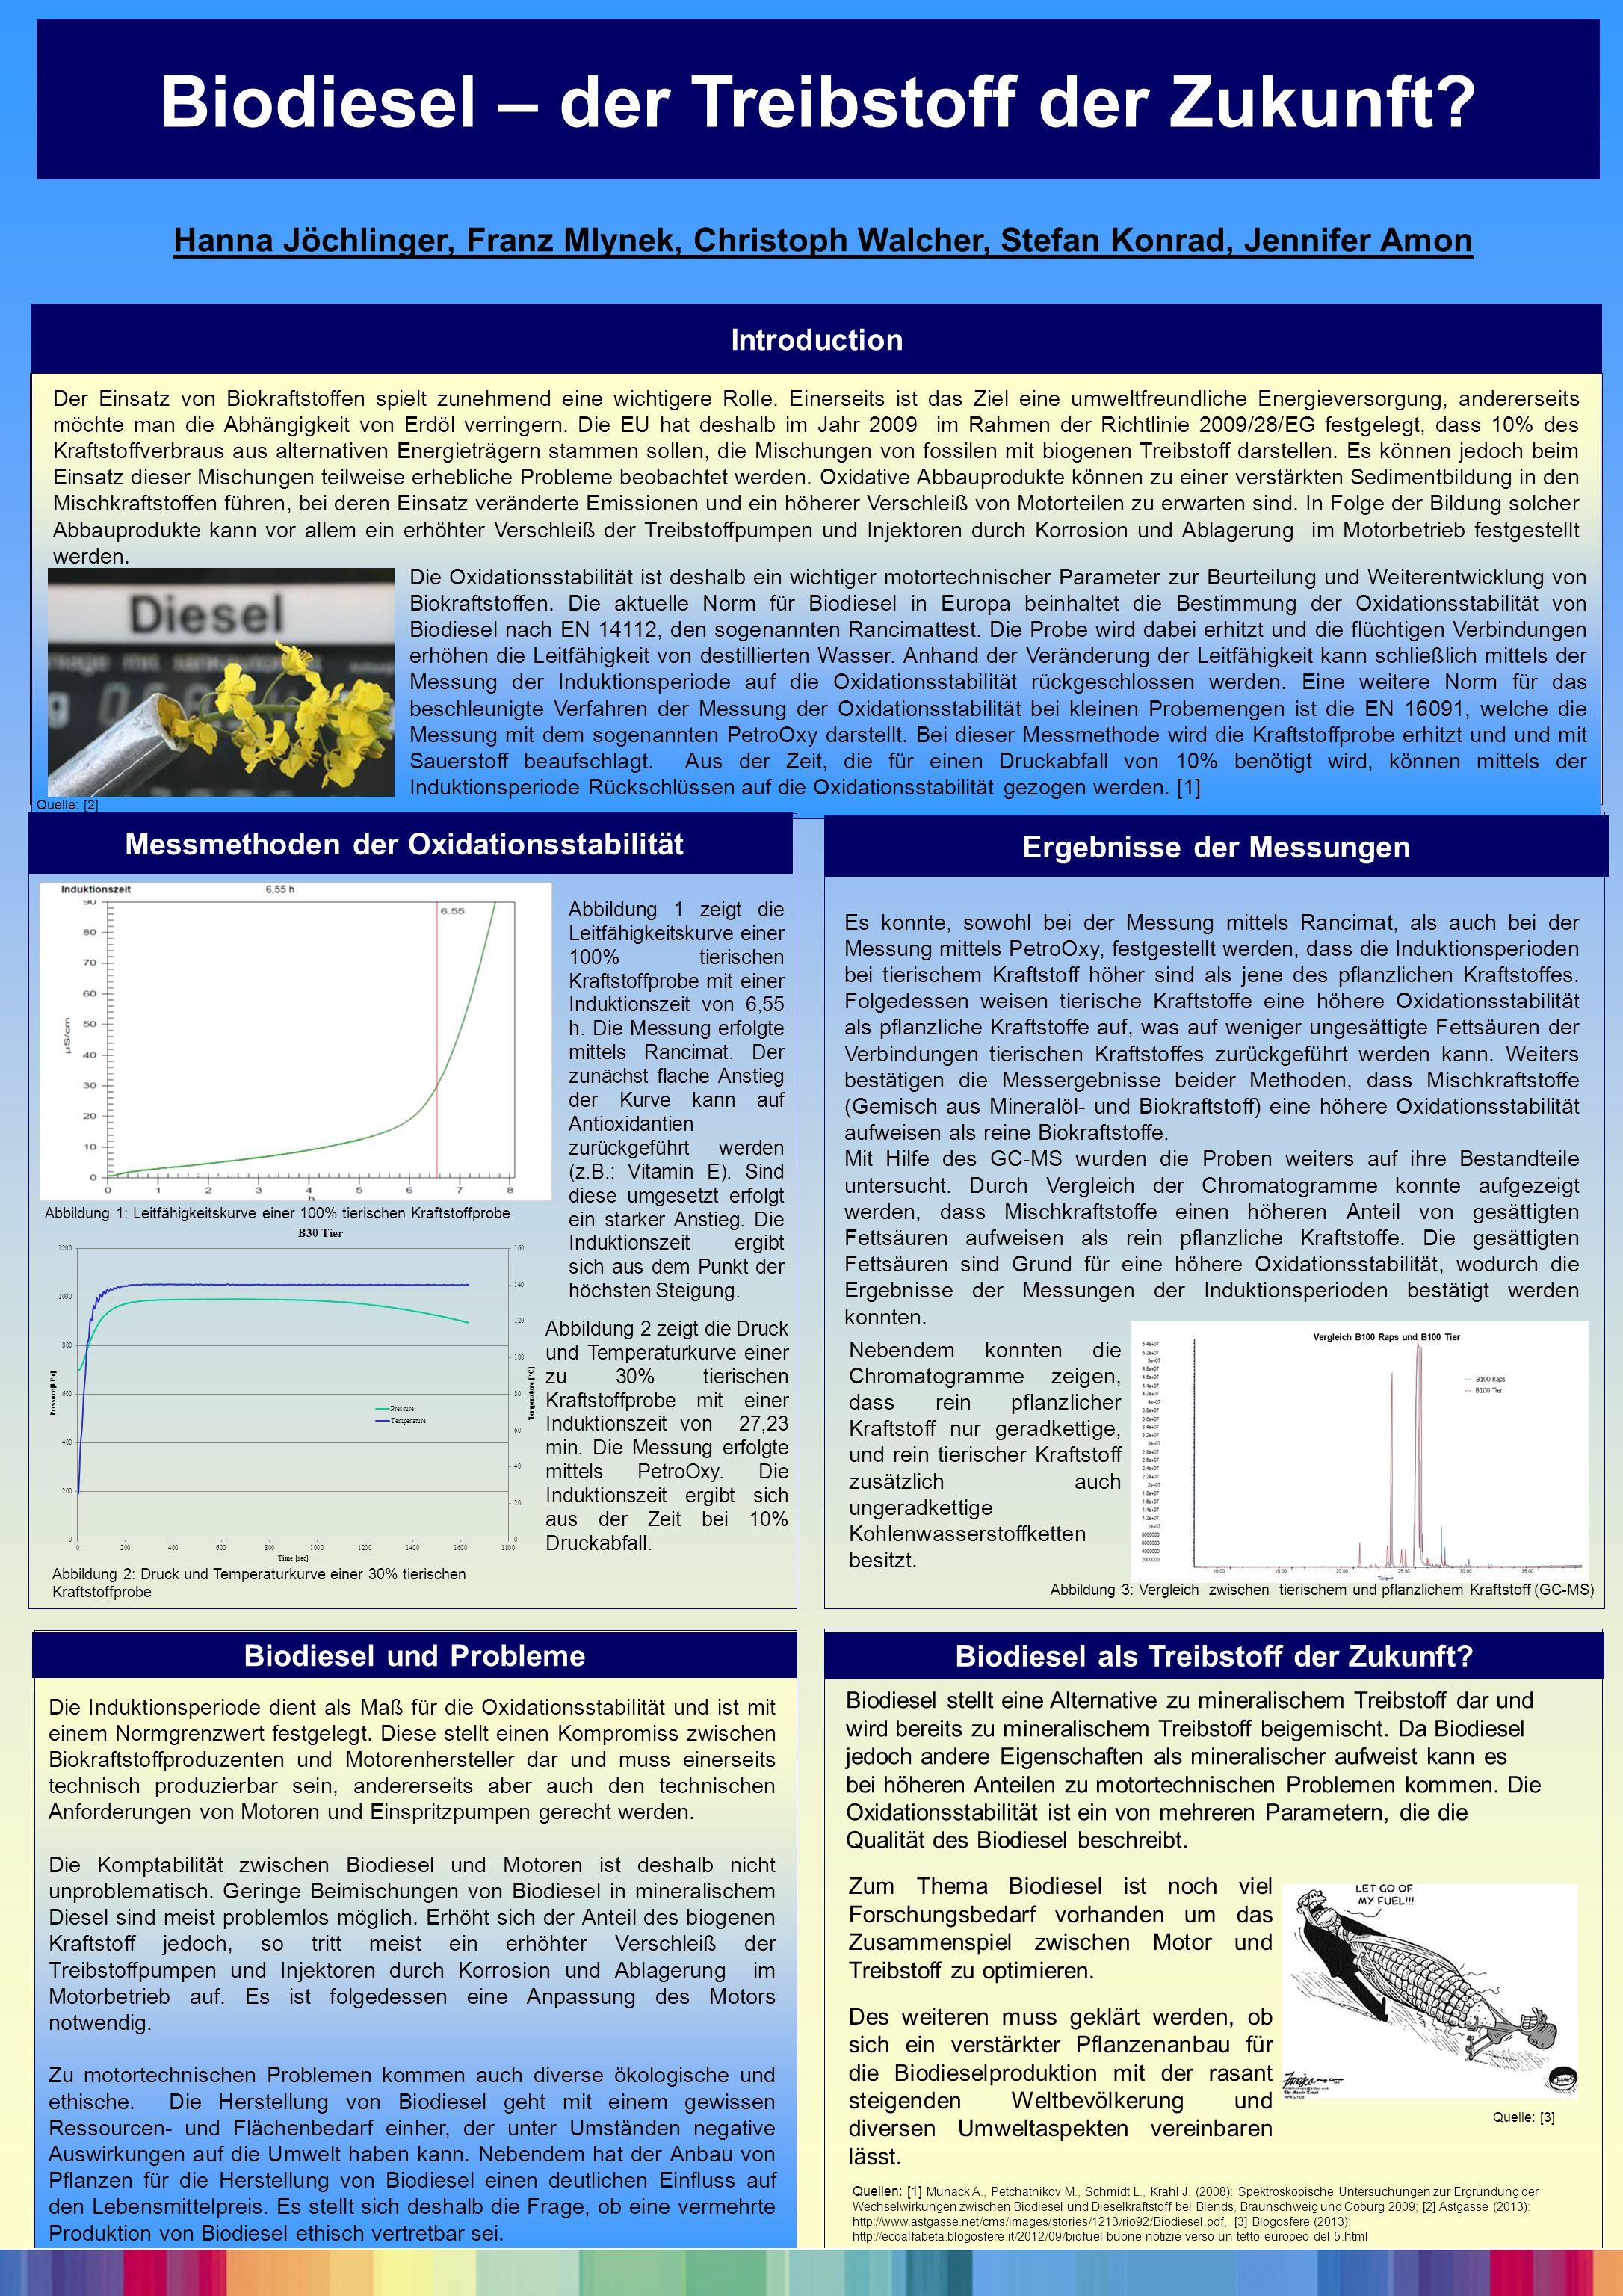 Biodiesel – der Treibstoff der Zukunft